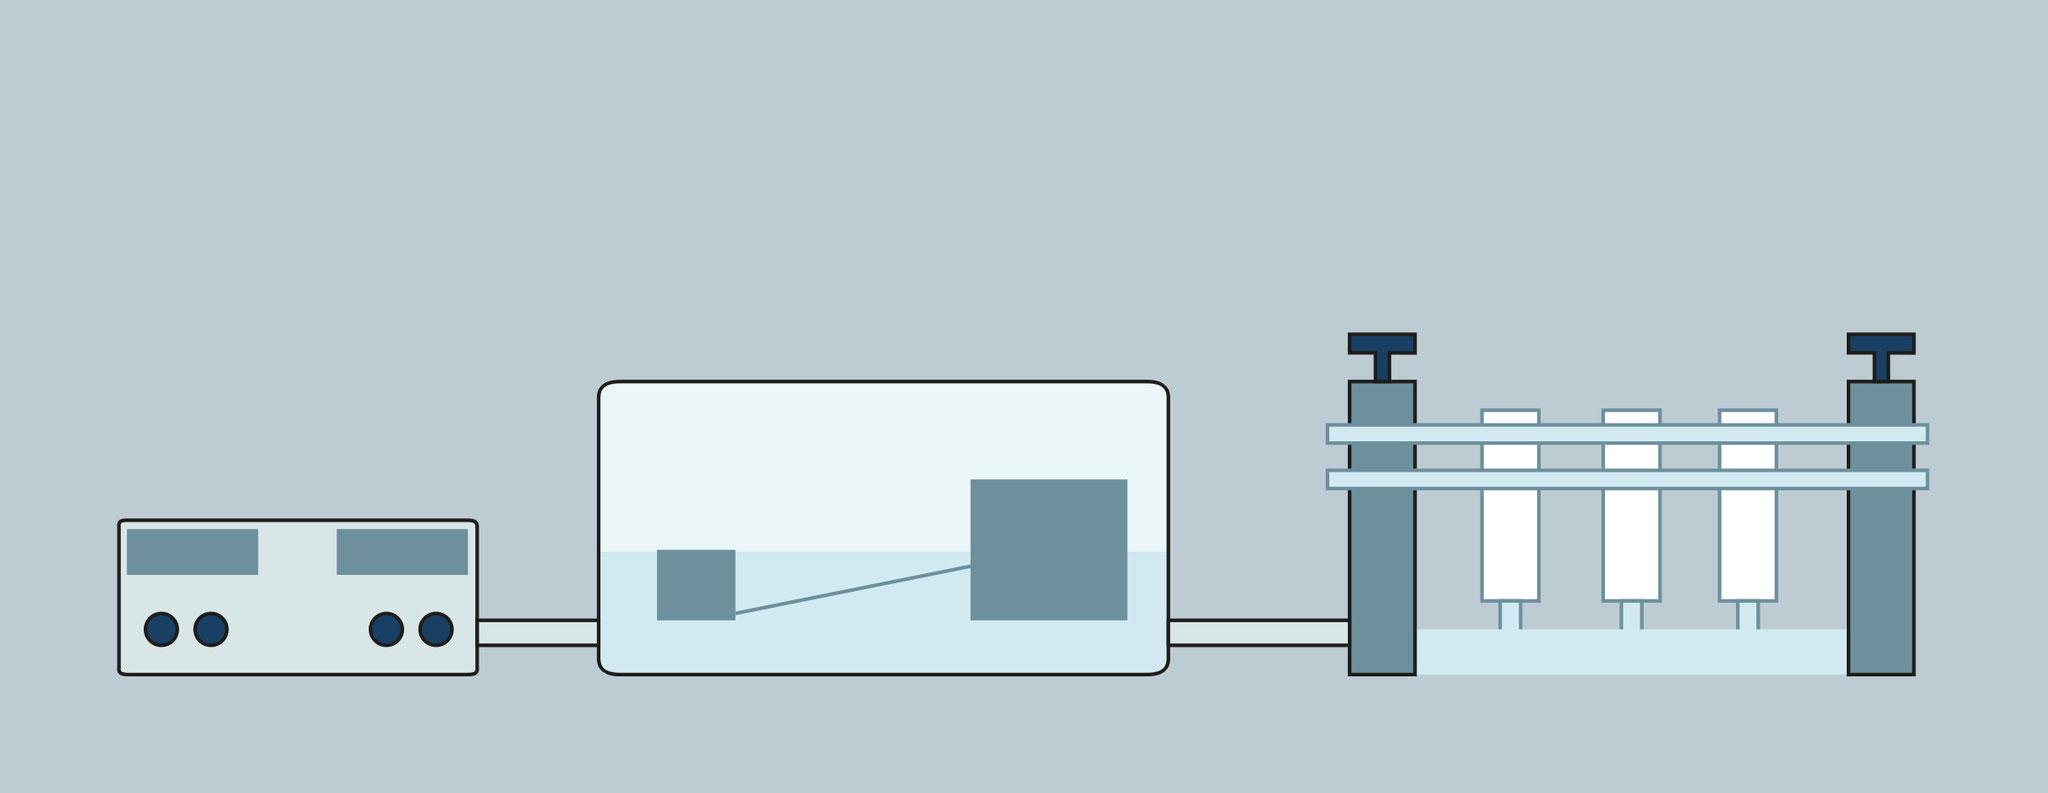 Schema cell stretcher – Kunde: CLS GmbH